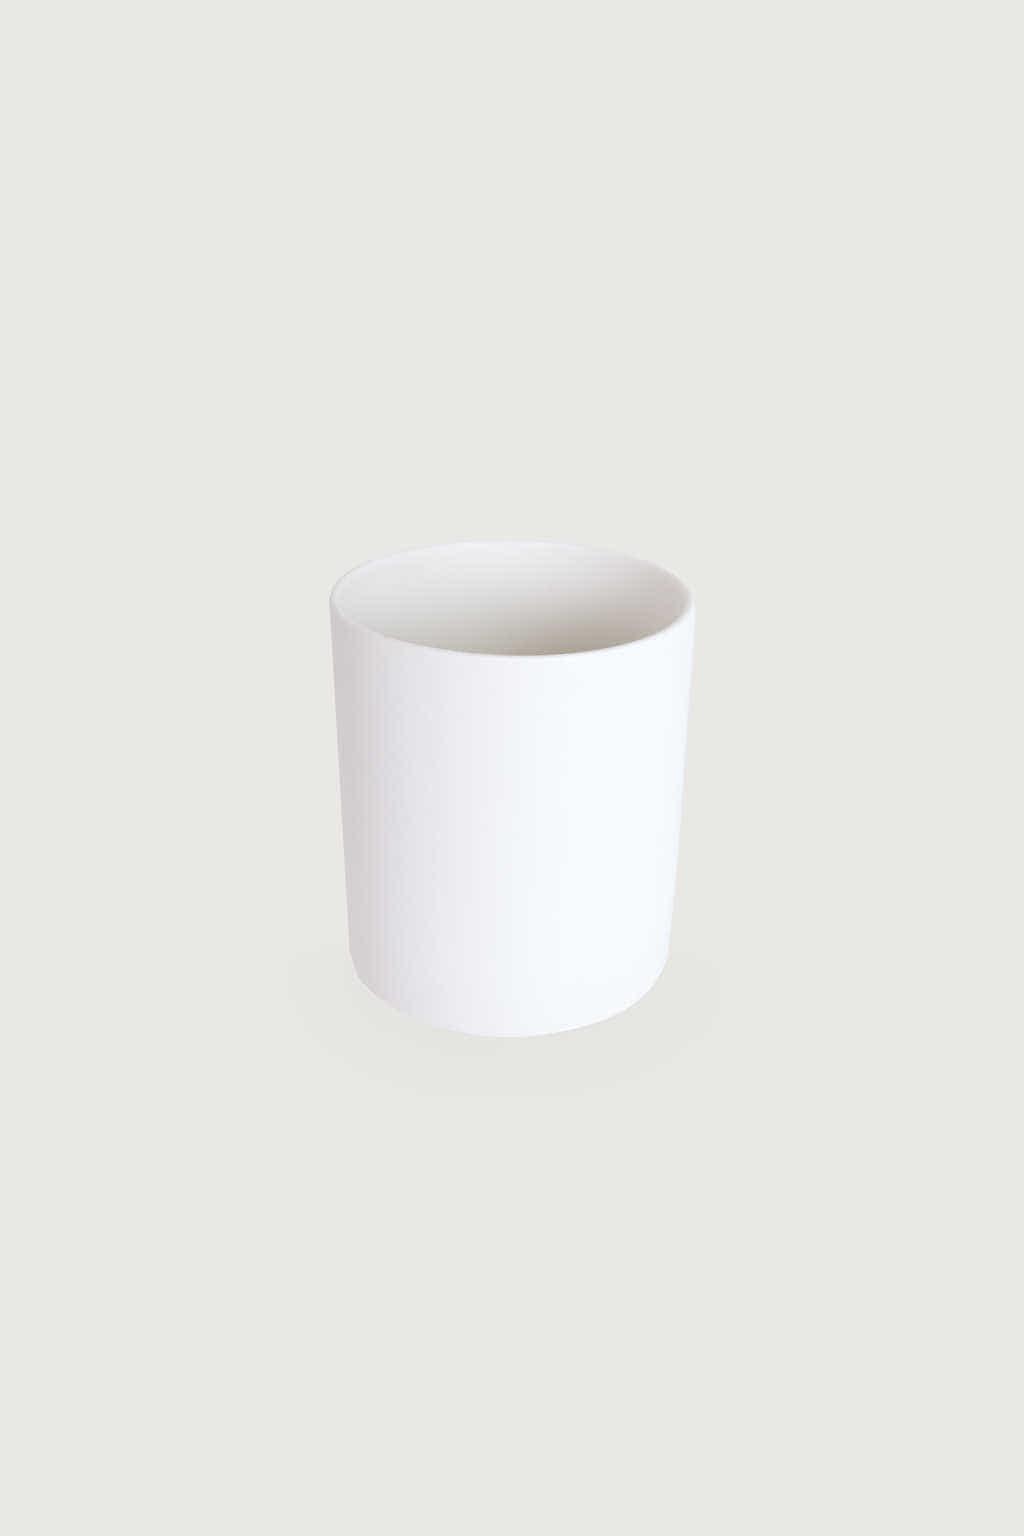 Slim Ceramic Planter 2946 White 5